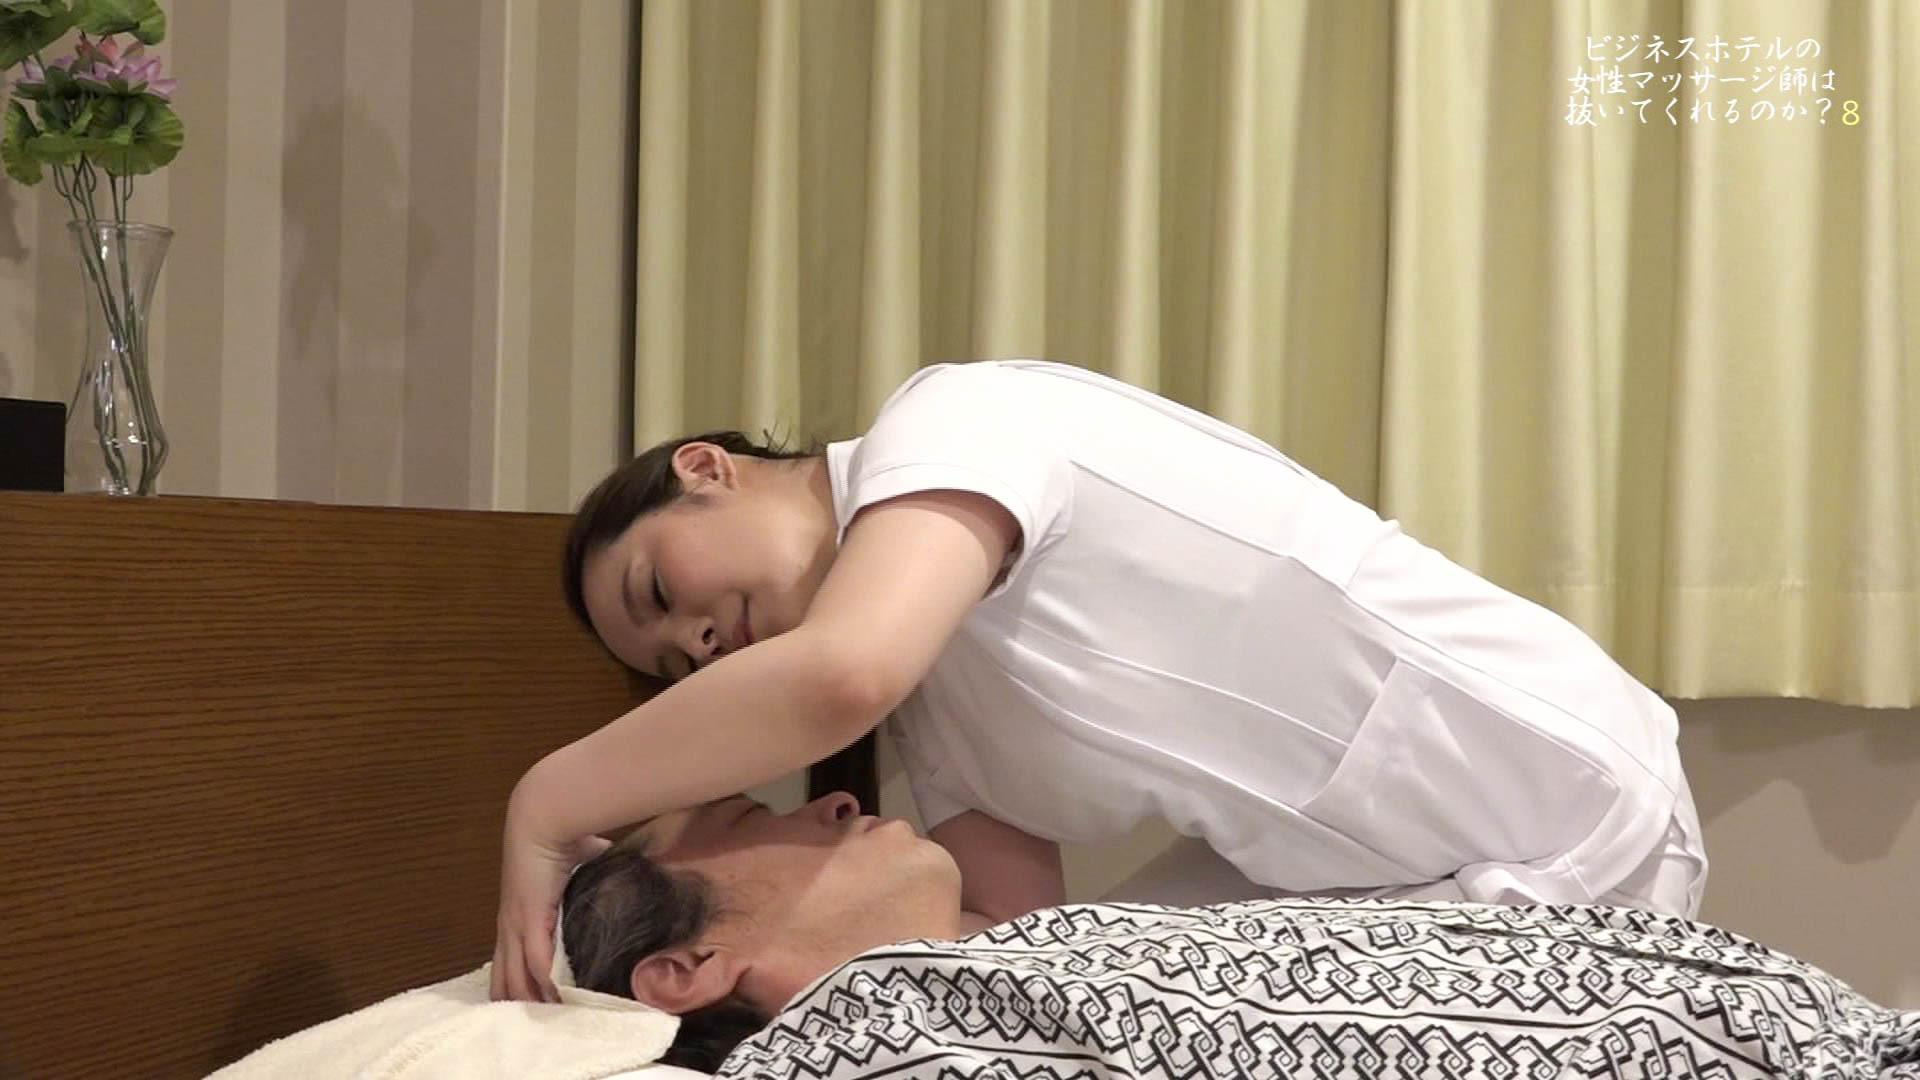 ビジネスホテルの女性マッサージ師は抜いてくれるのか?(8)~胸が大き過ぎて制服がパツンパツンの野々宮さん2